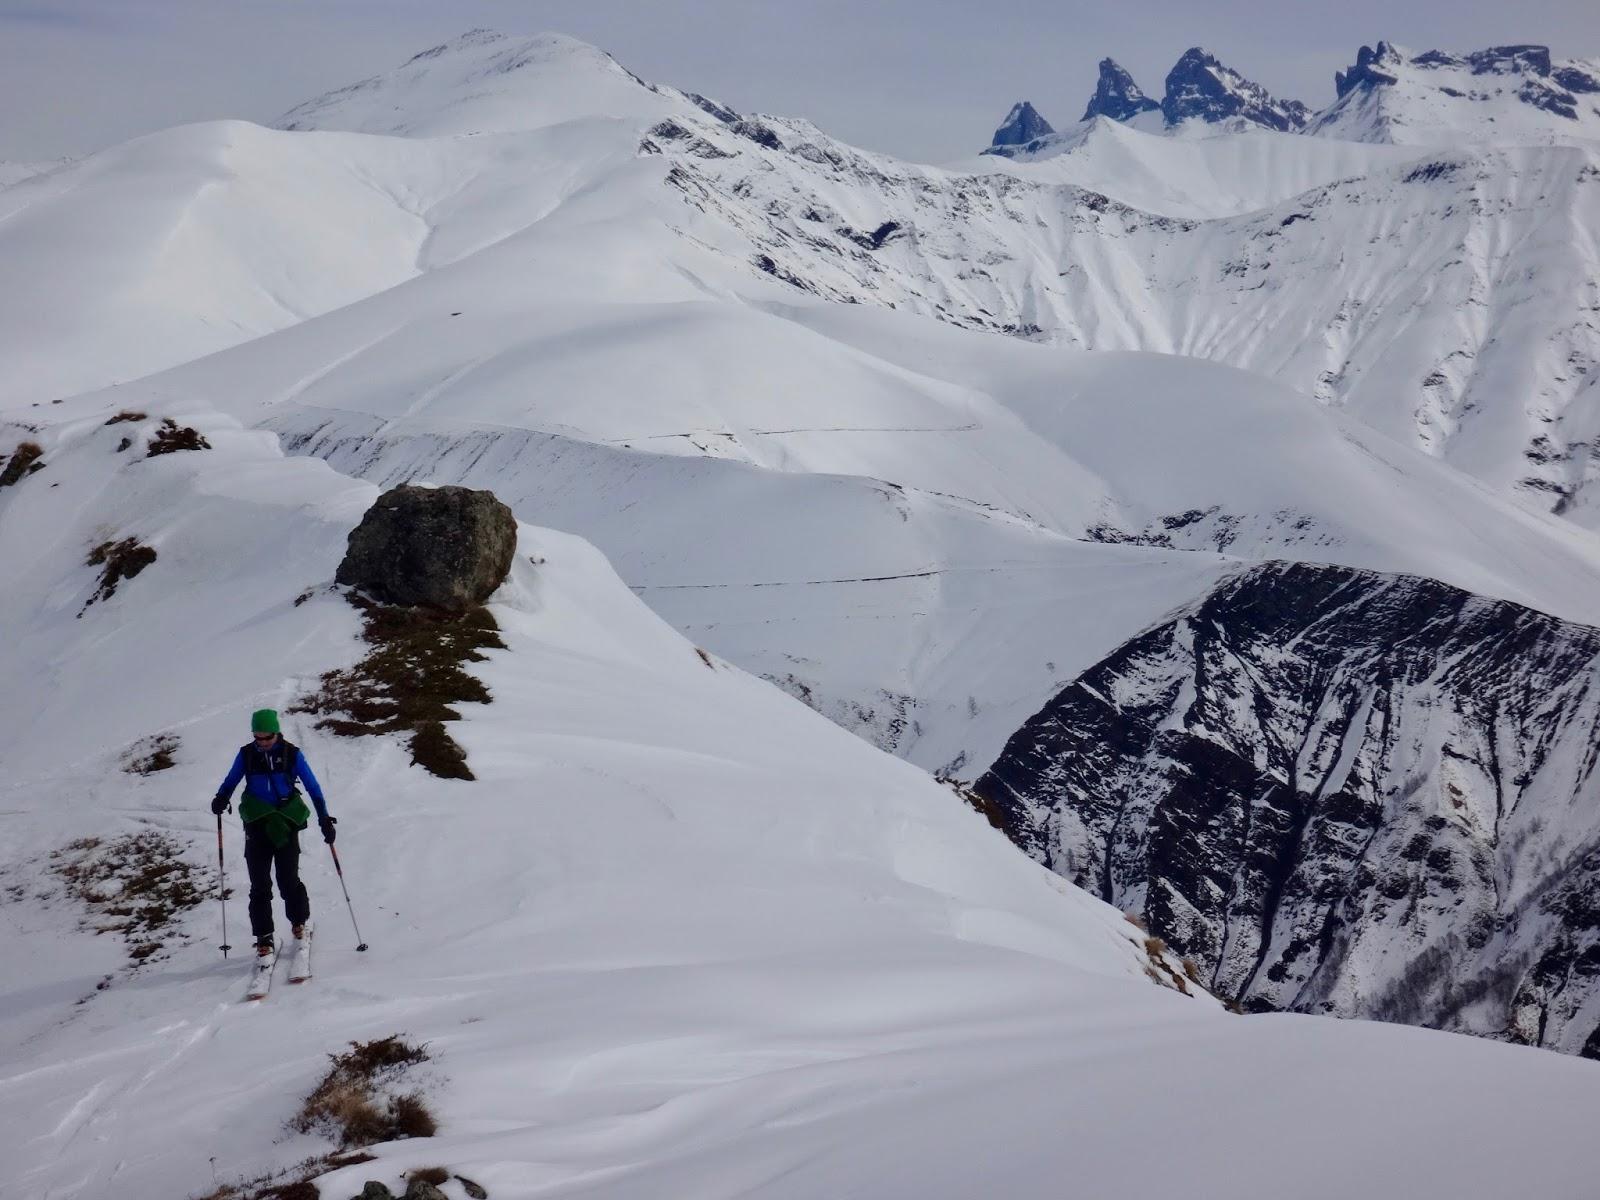 Quentin Delavignette Guide de haute montagne UIAGM